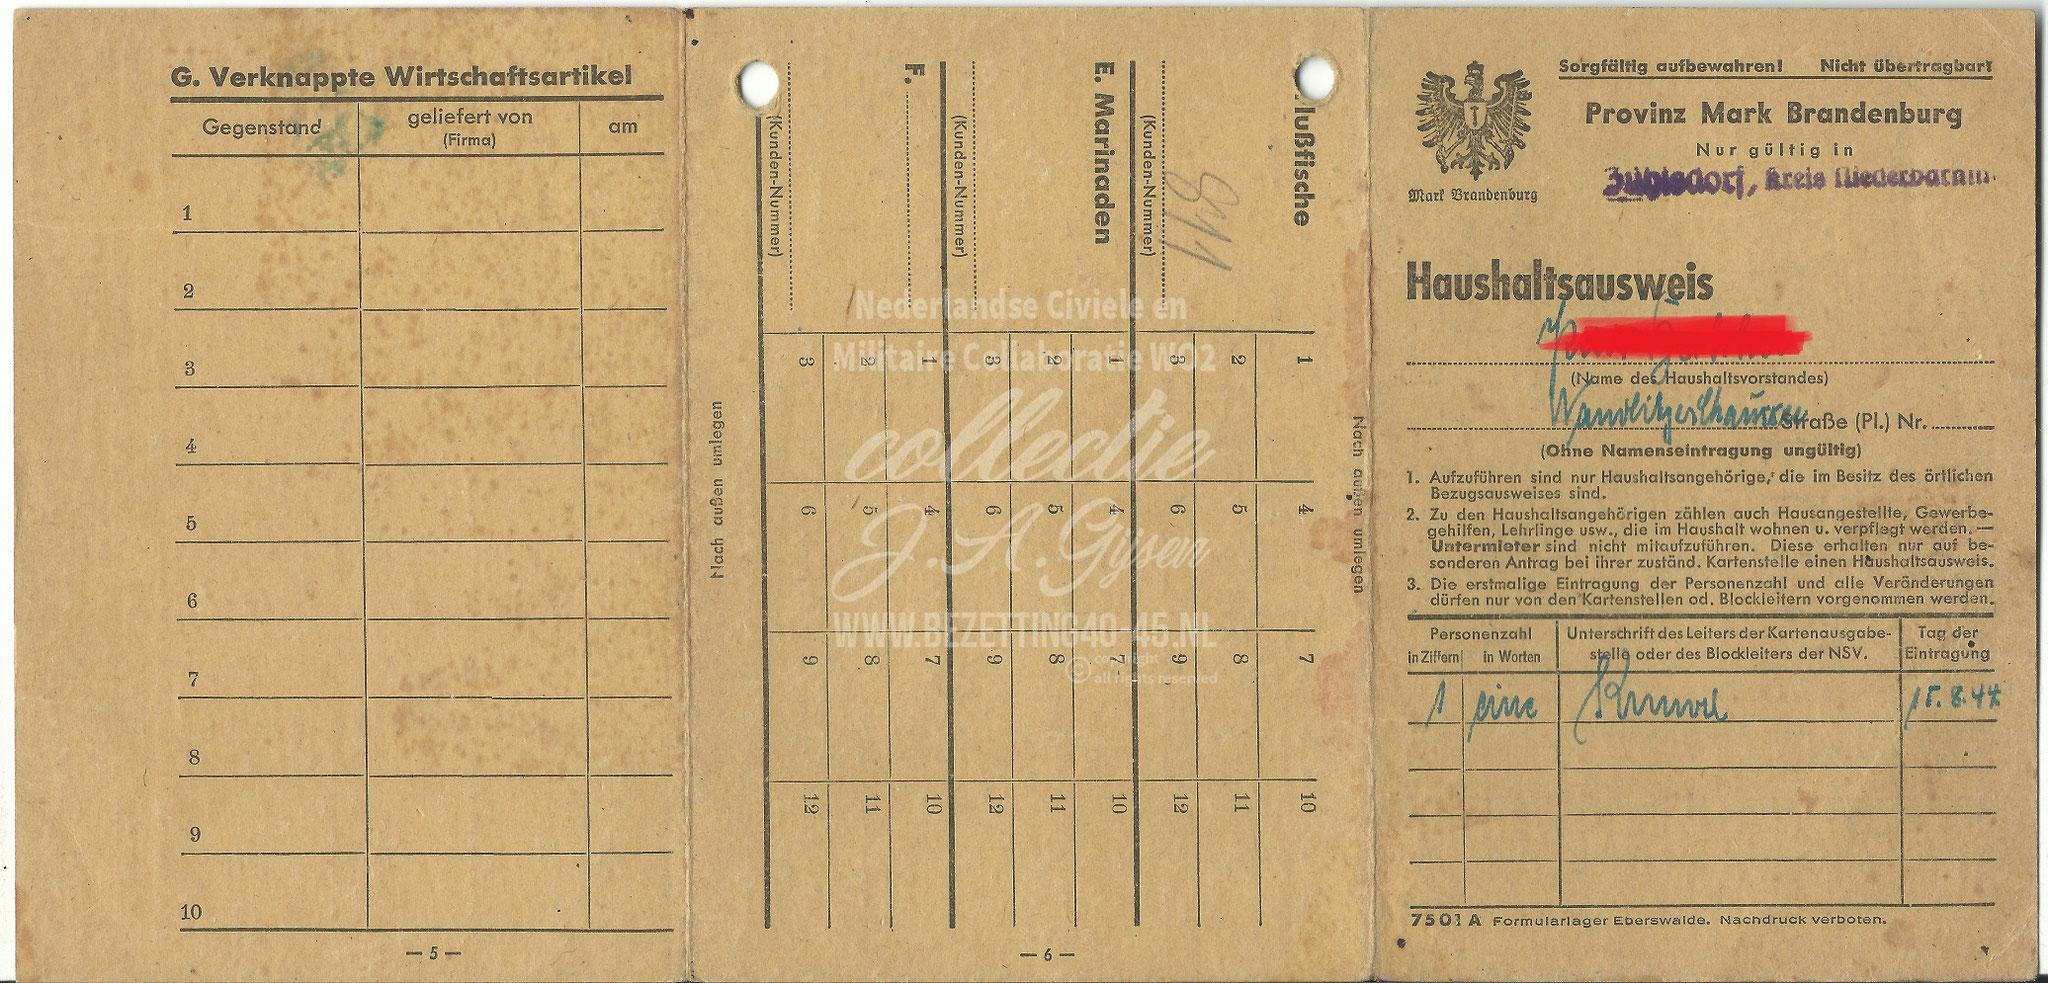 Mark Brandenburg Zühlsdorf Niederbarnim Haushaltausweis.